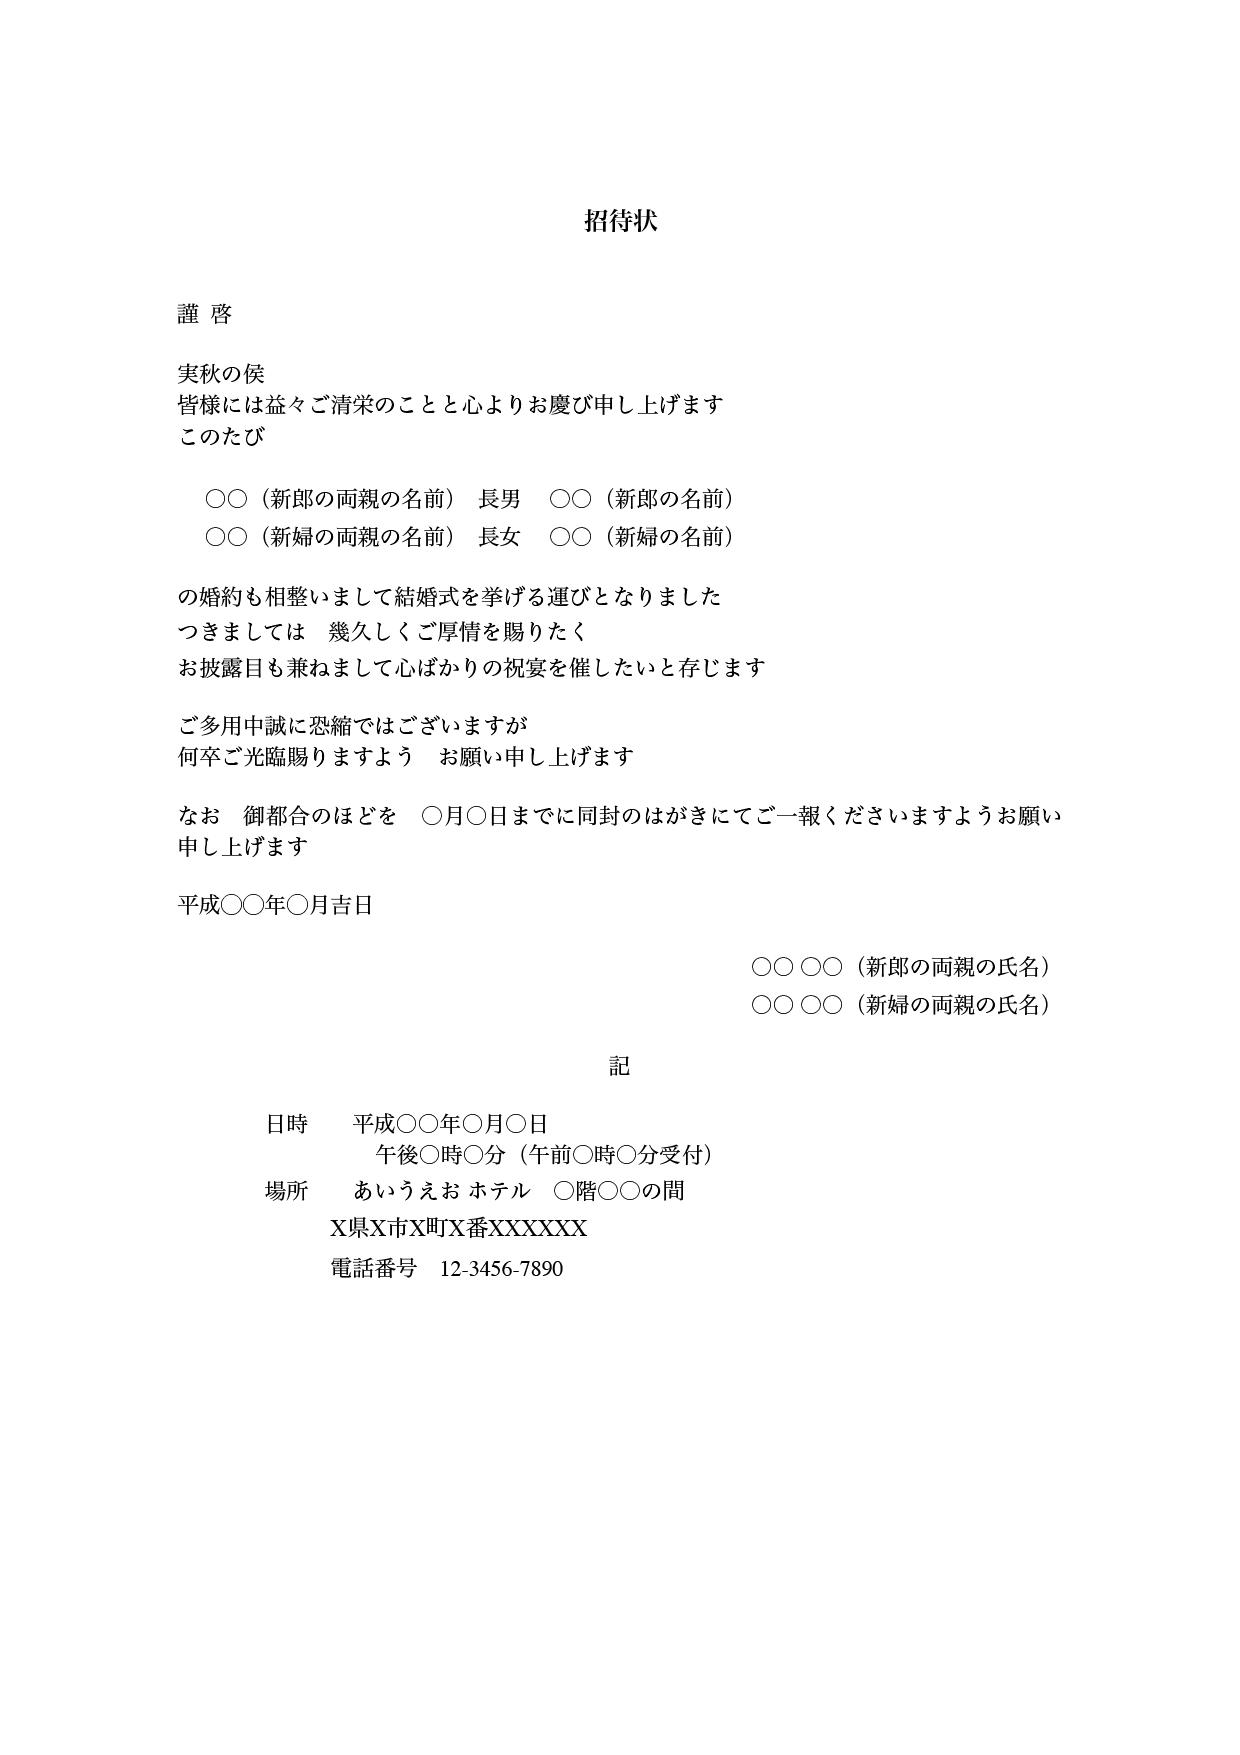 結婚招待状 テンプレート_シンプル(ワード・ページズ)